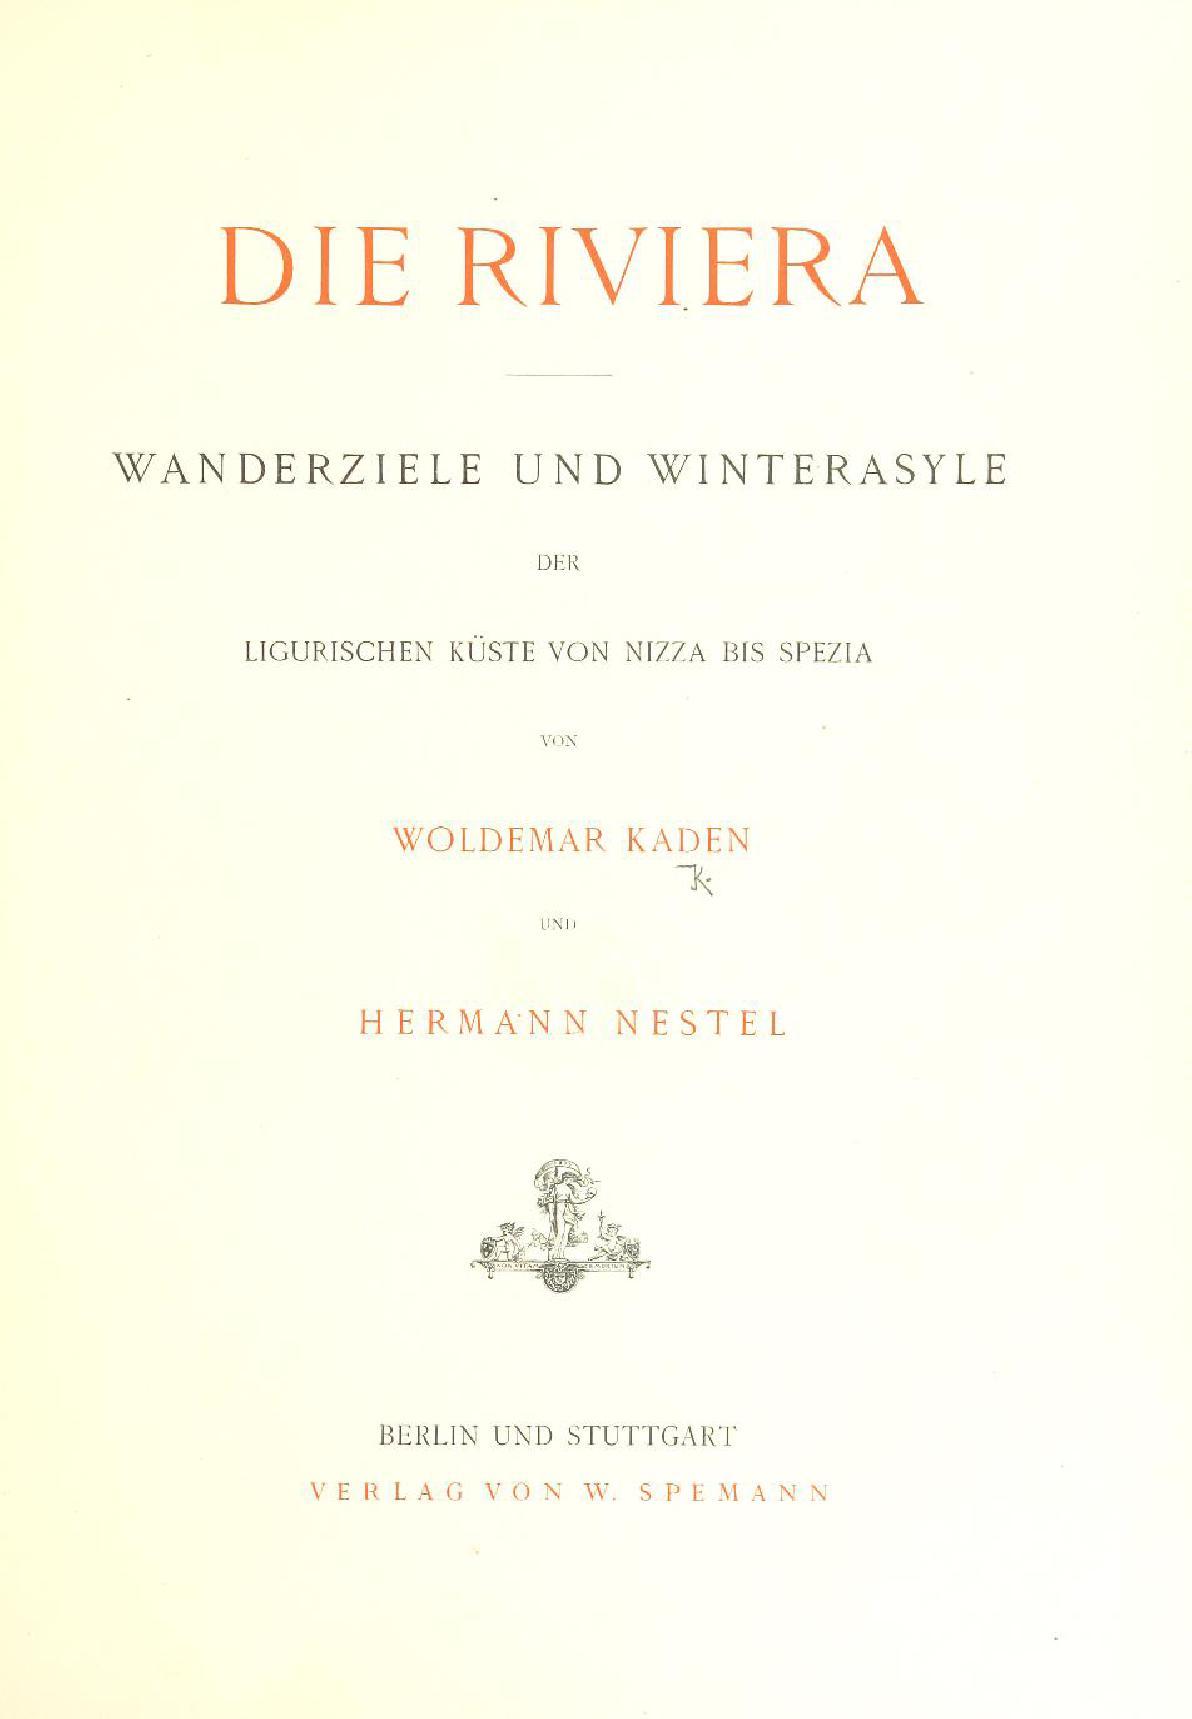 Die Riviera: Wanderziele und Winterasyle